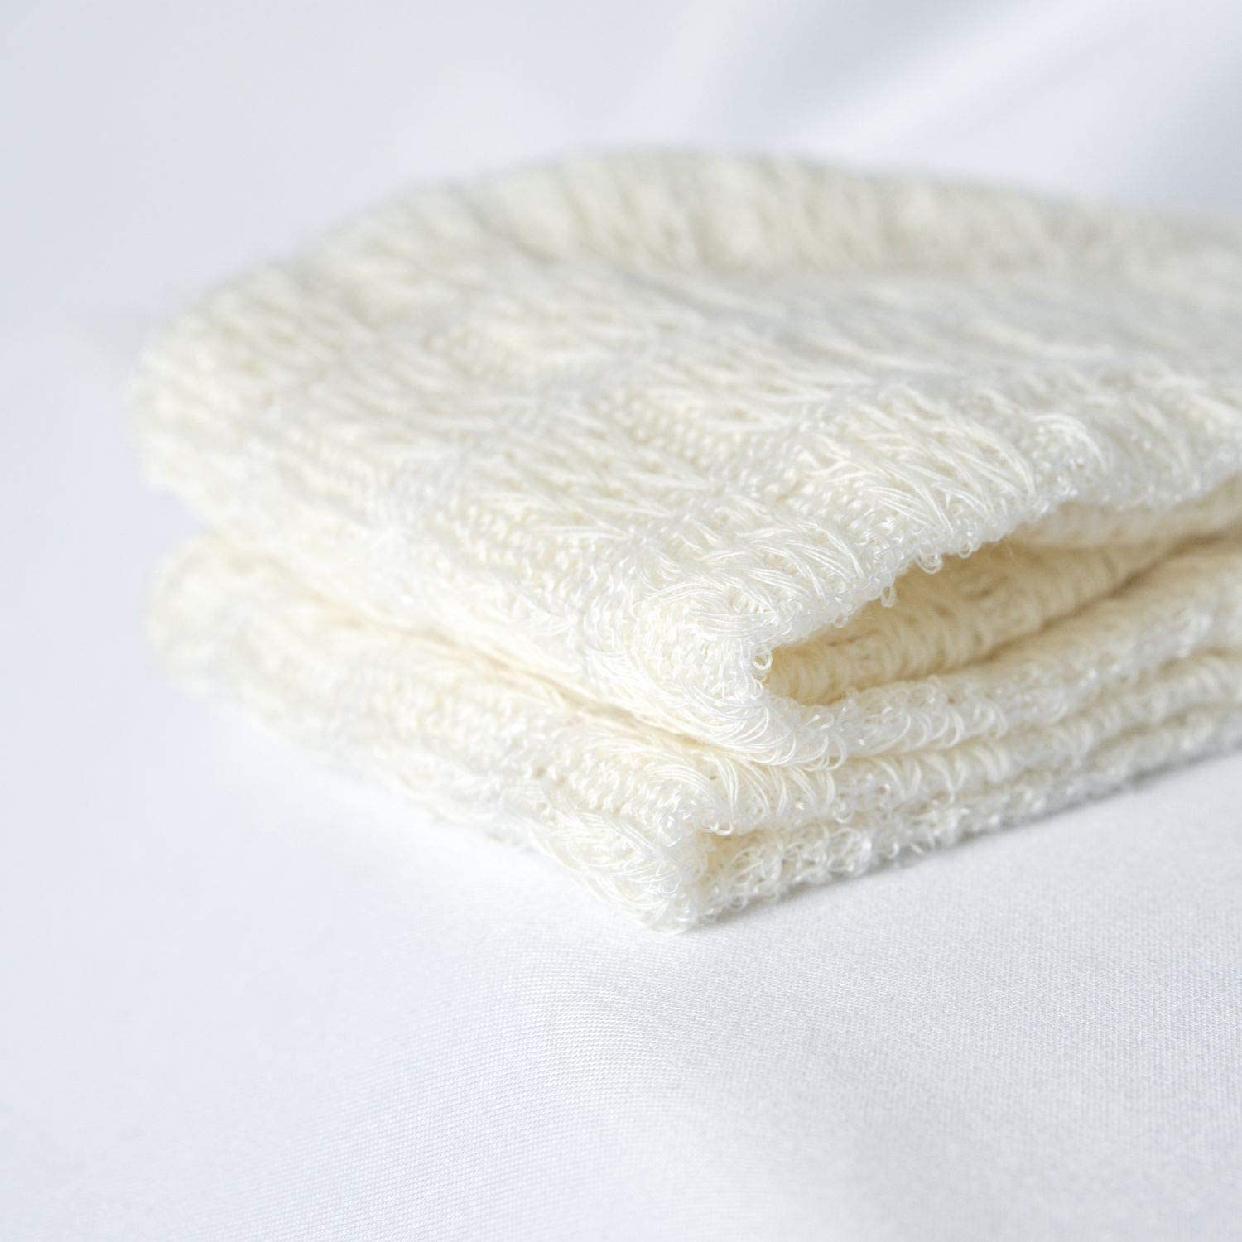 藤栄(FUJIEI) ボディタオル ナチュラル ブレス オーガニックコットン BL-403の商品画像2